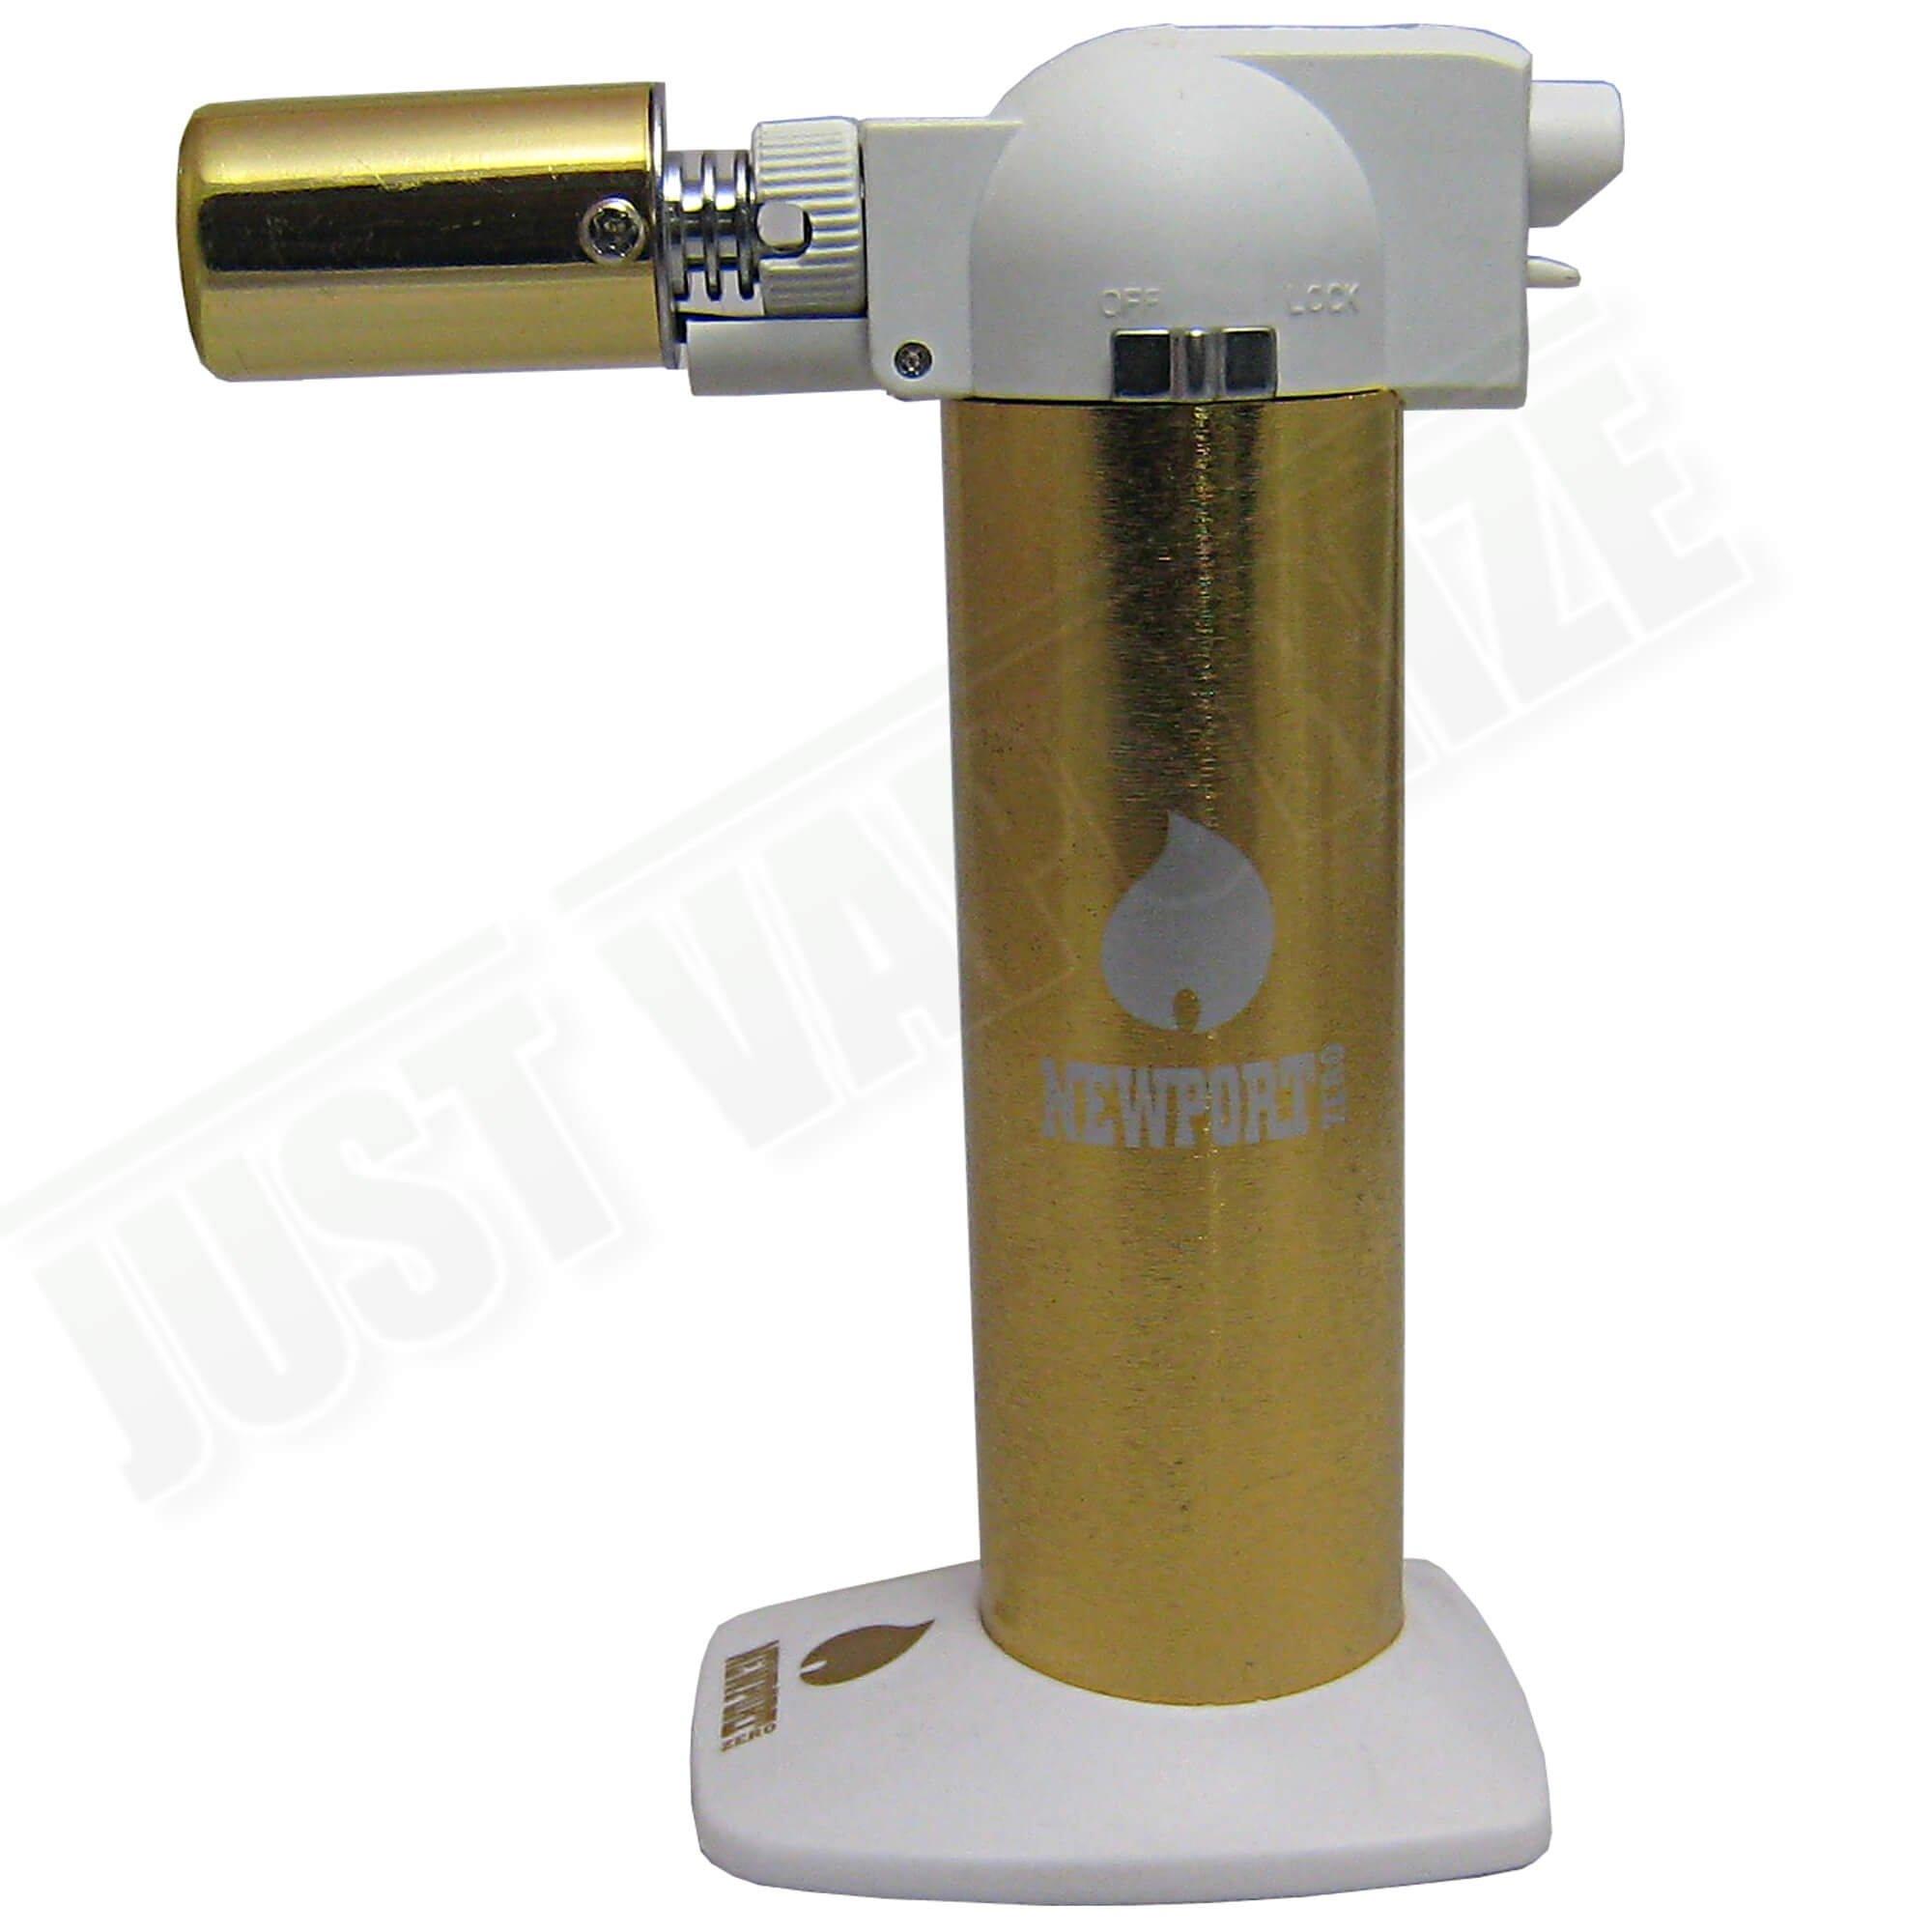 Newport Zero 6'' Butane Torch Lighter - Gold